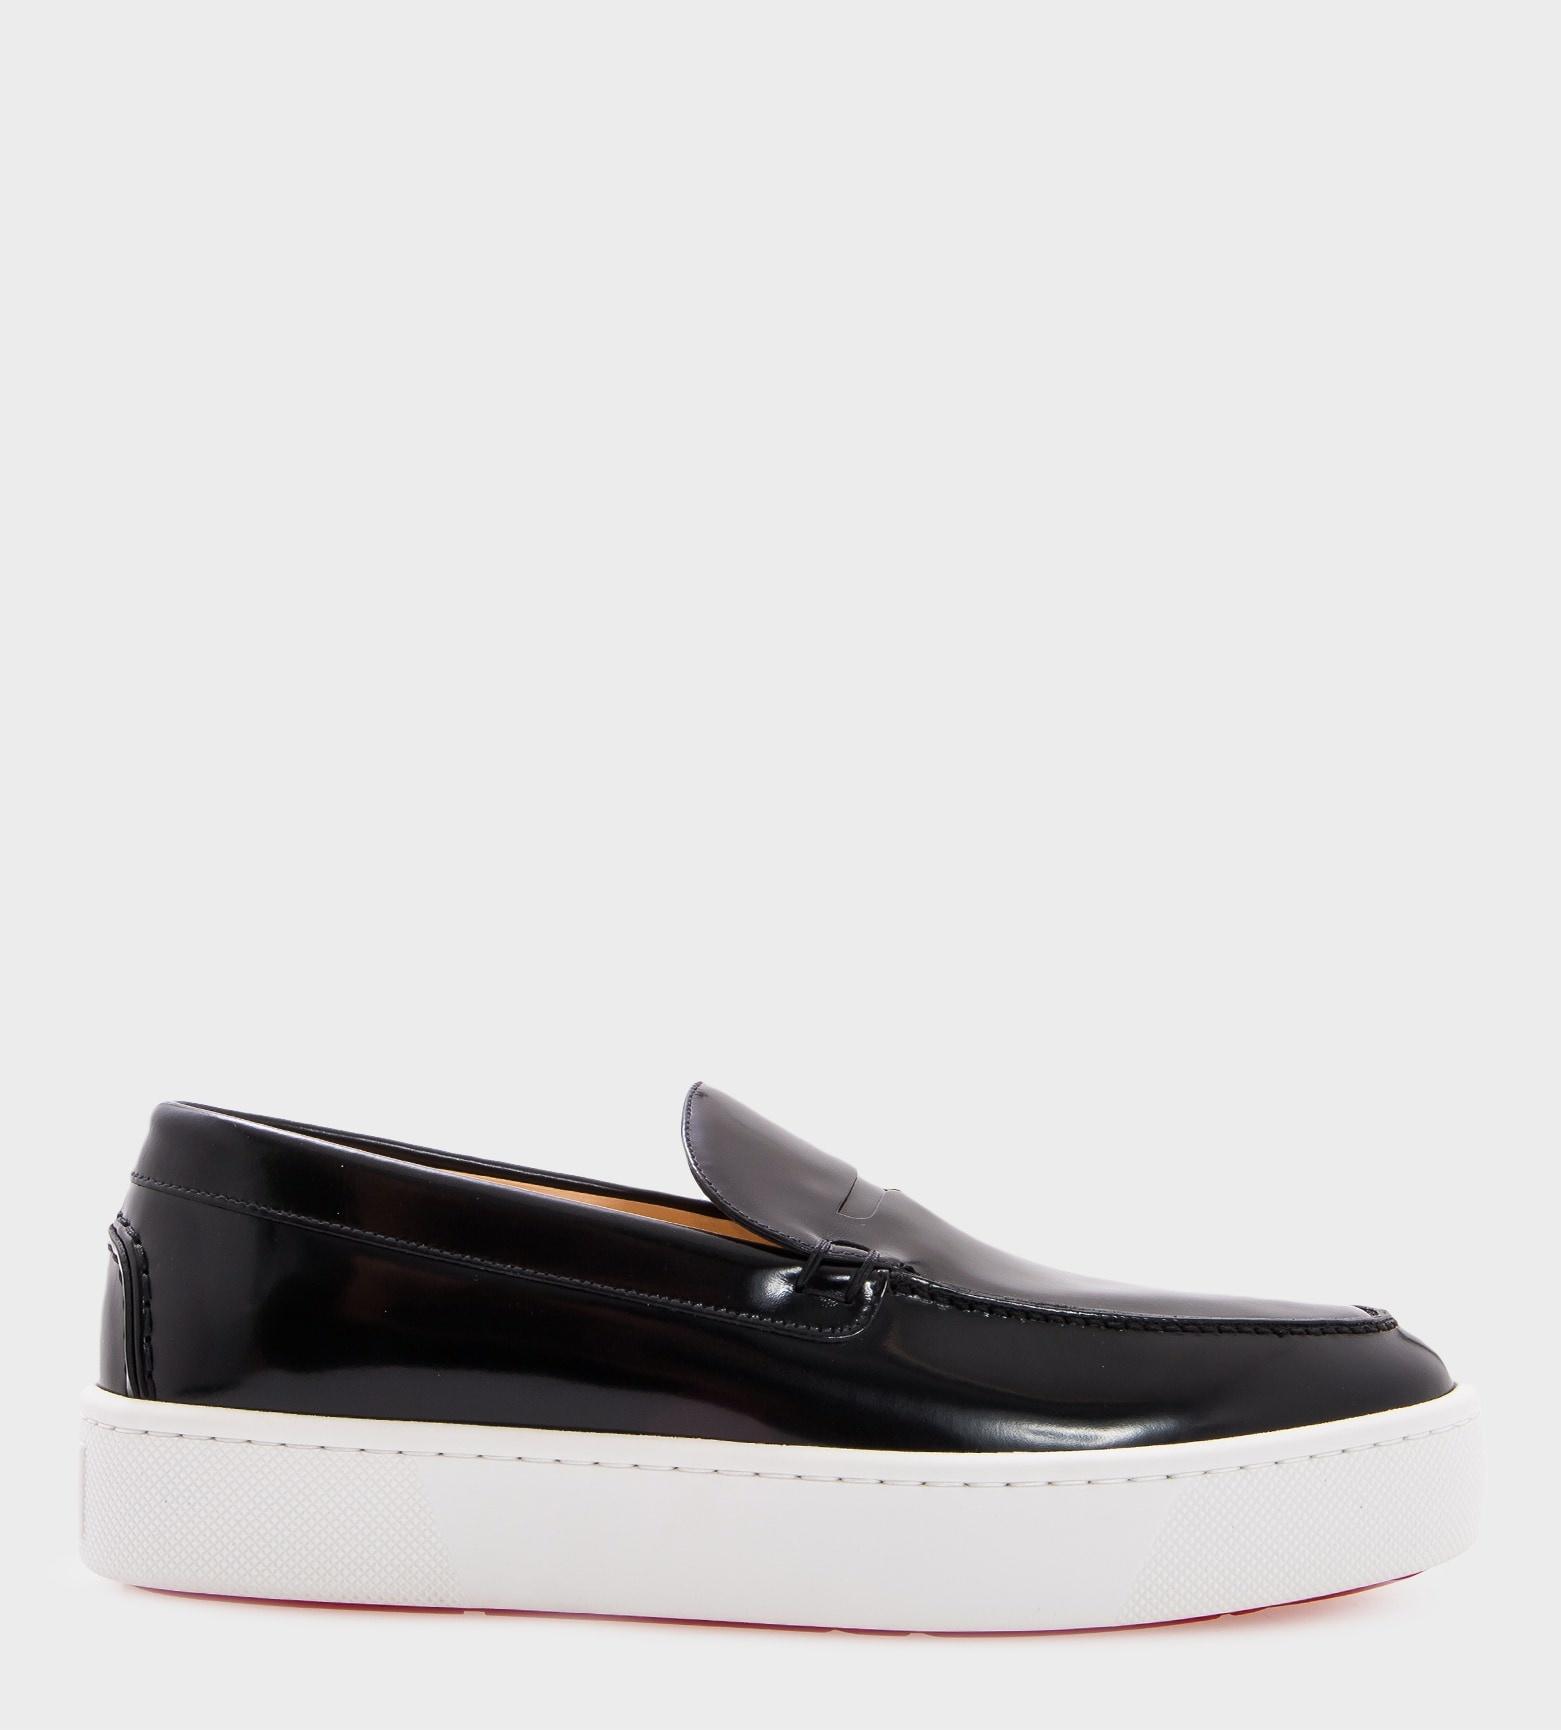 d946705391a Christian Louboutin Shoe 3190514 Black